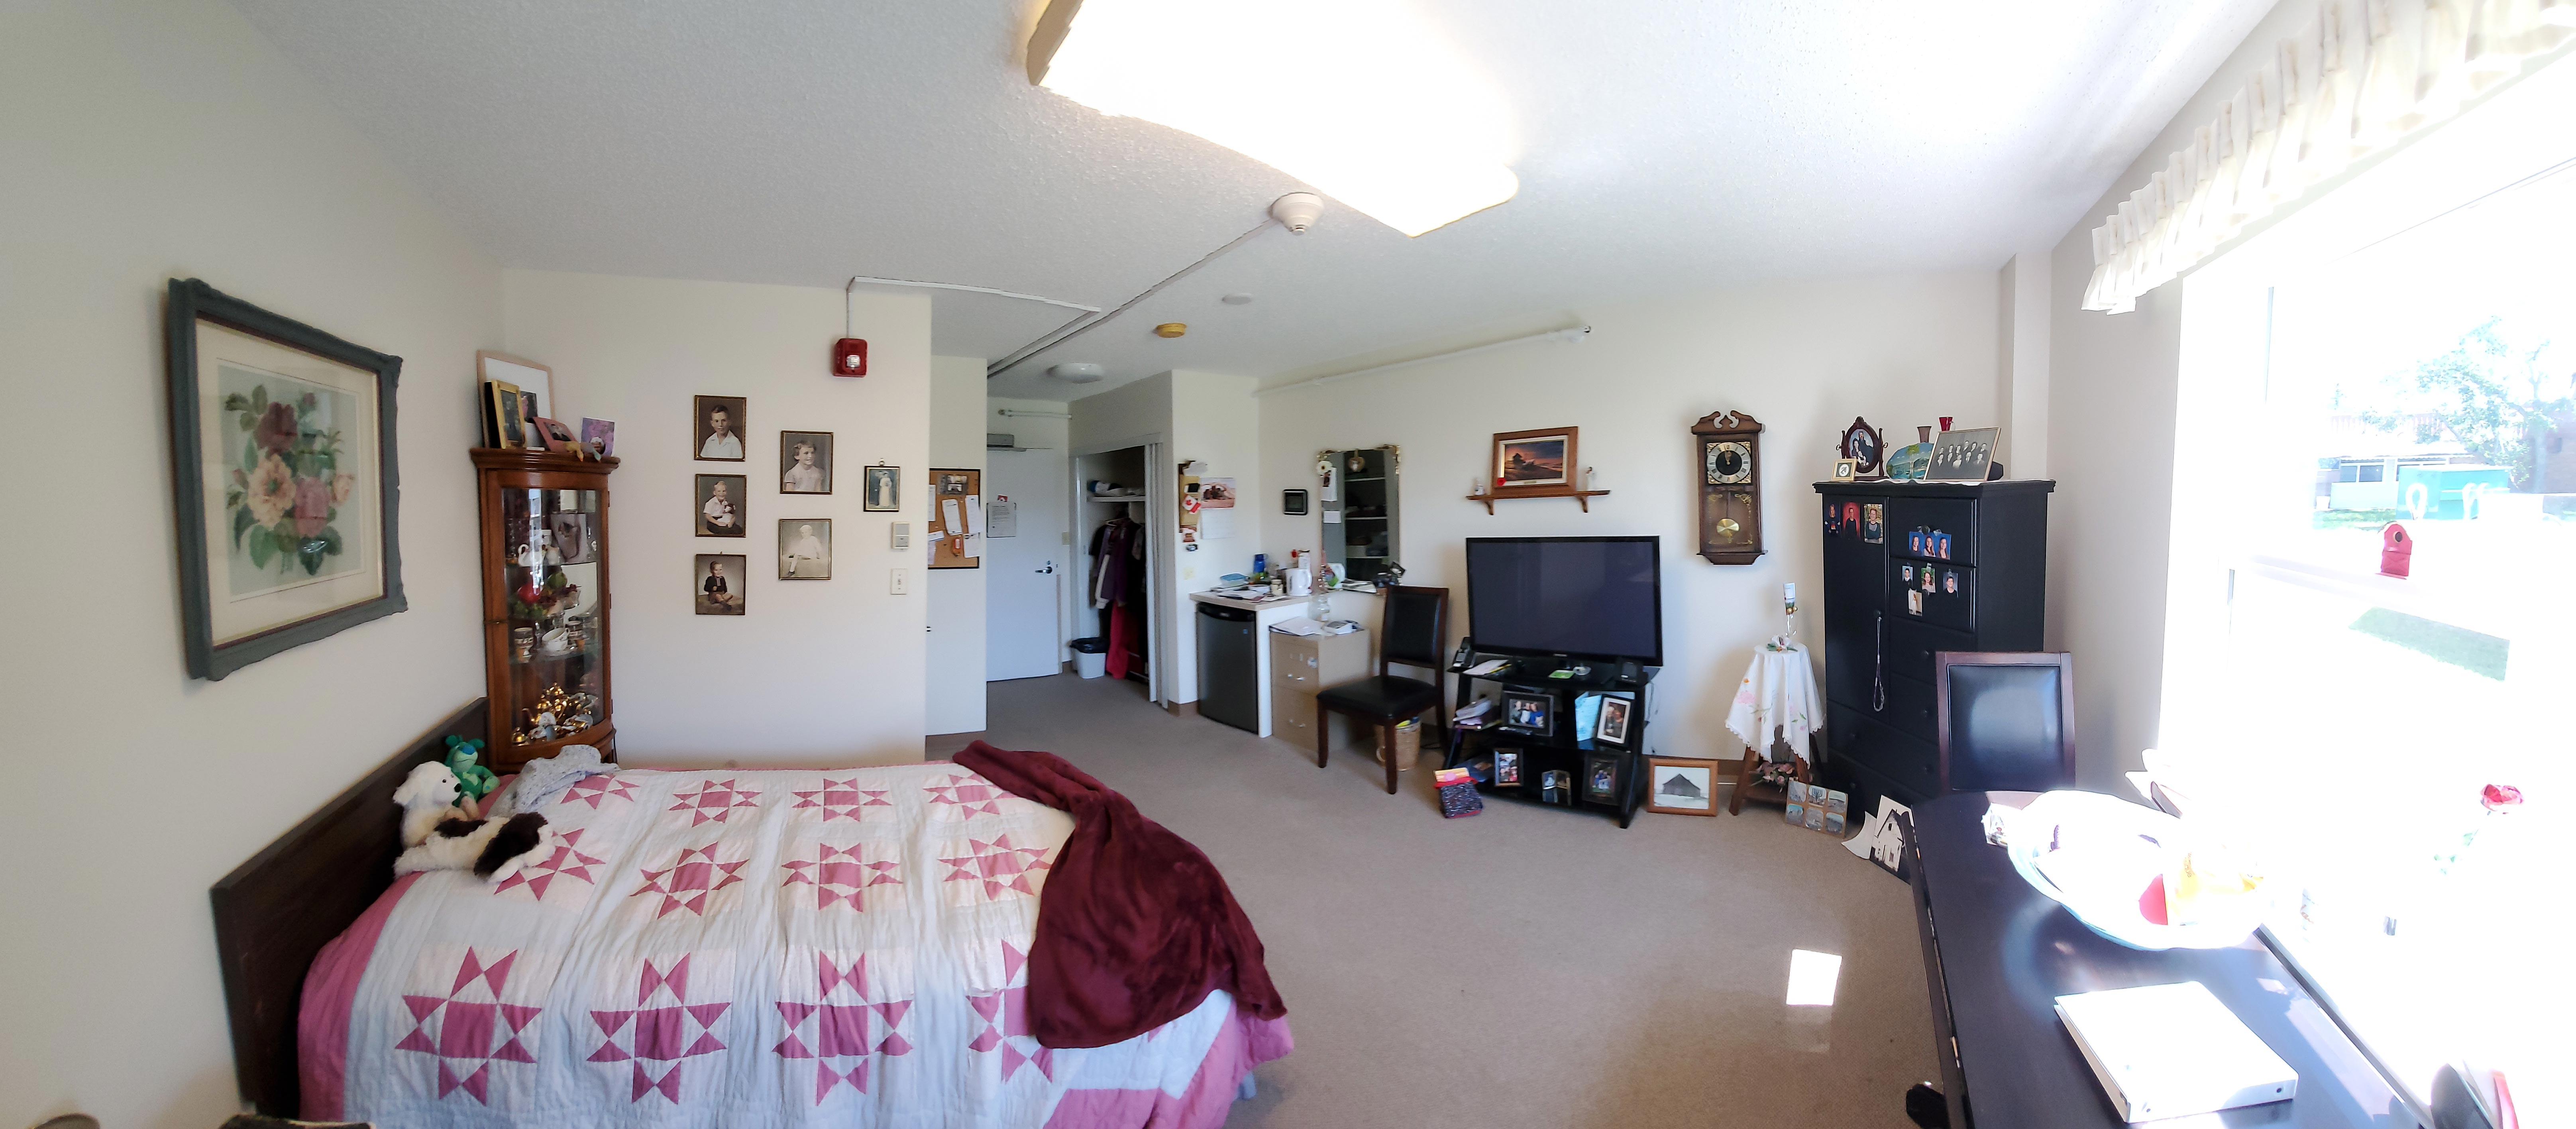 Tofield-Lodge-Large-Bedroom